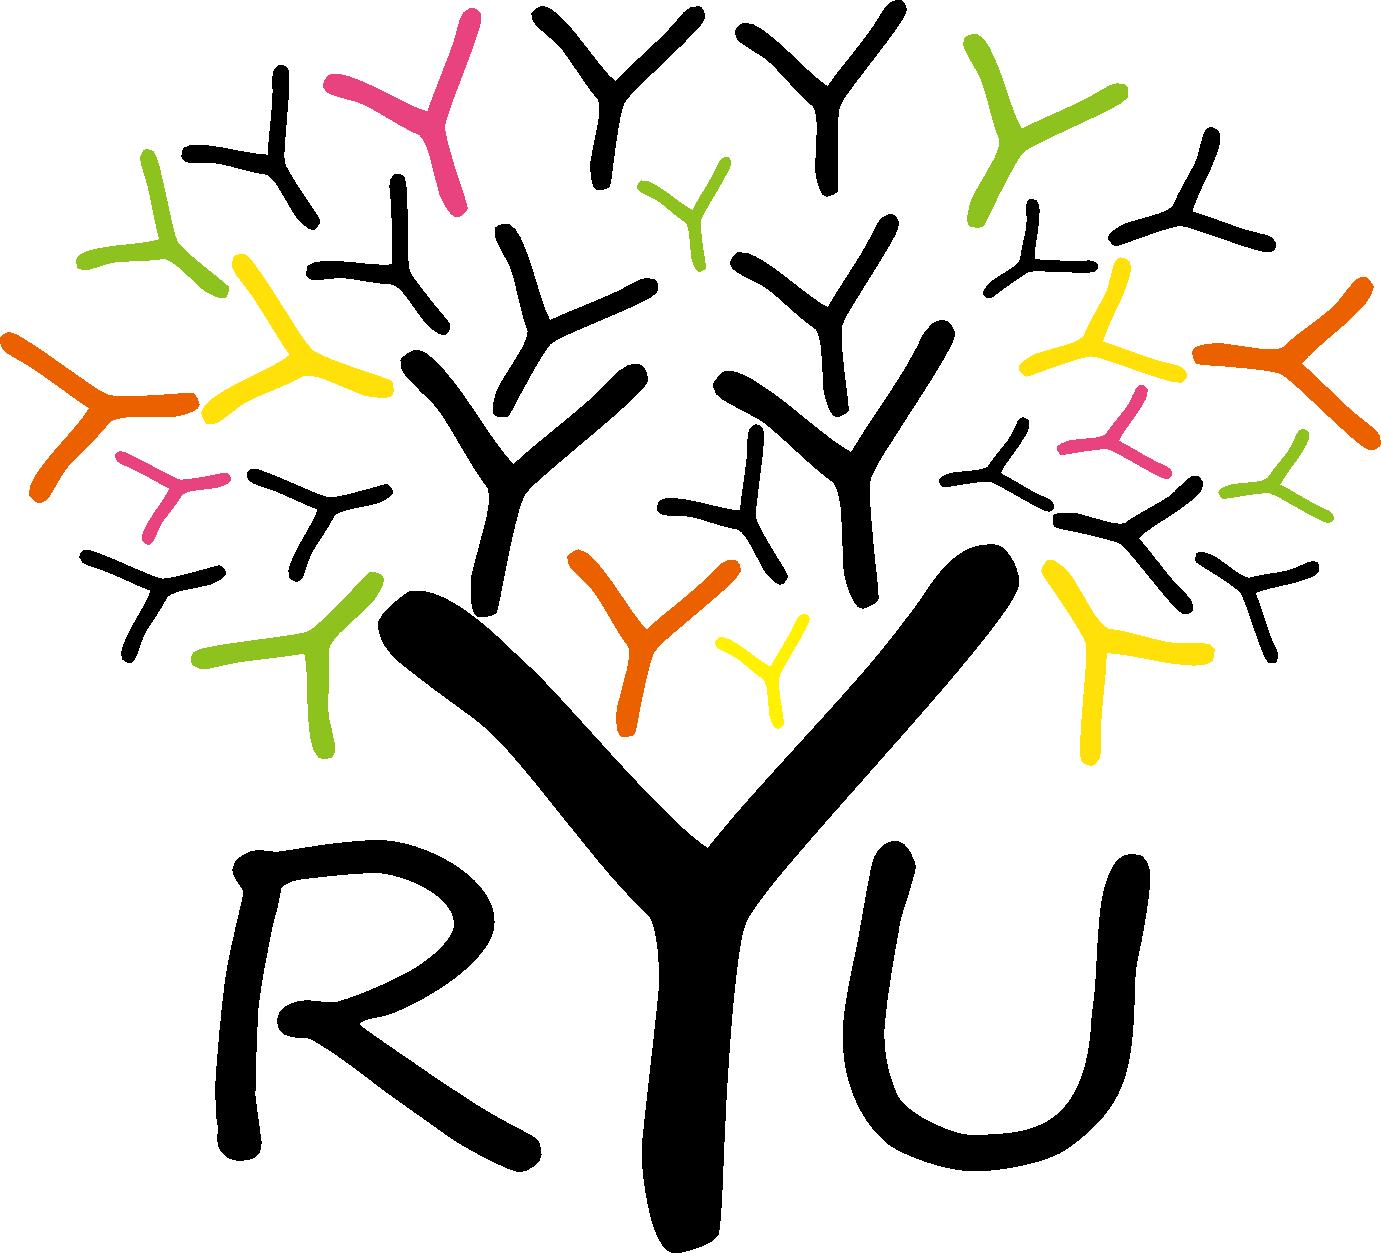 小嶋デンタルクリニック 木のロゴマーク